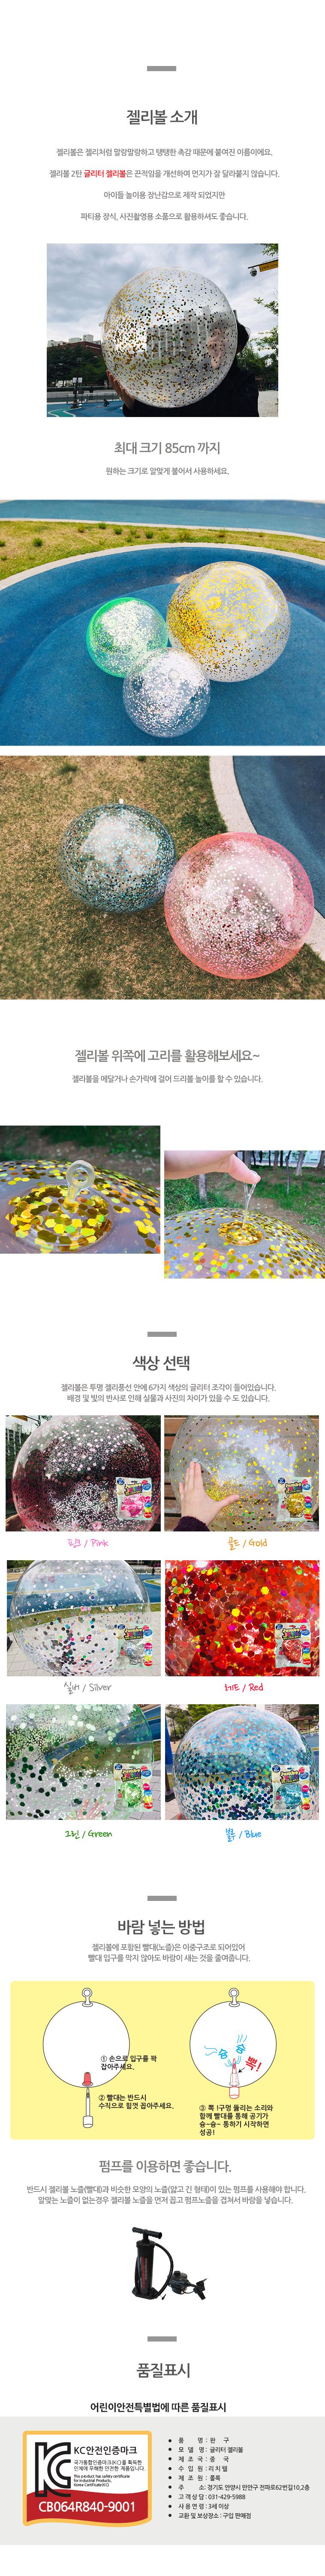 대형 글리터 젤리볼 85cm - 플레이네이쳐, 8,000원, 파티용품, 풍선/세트